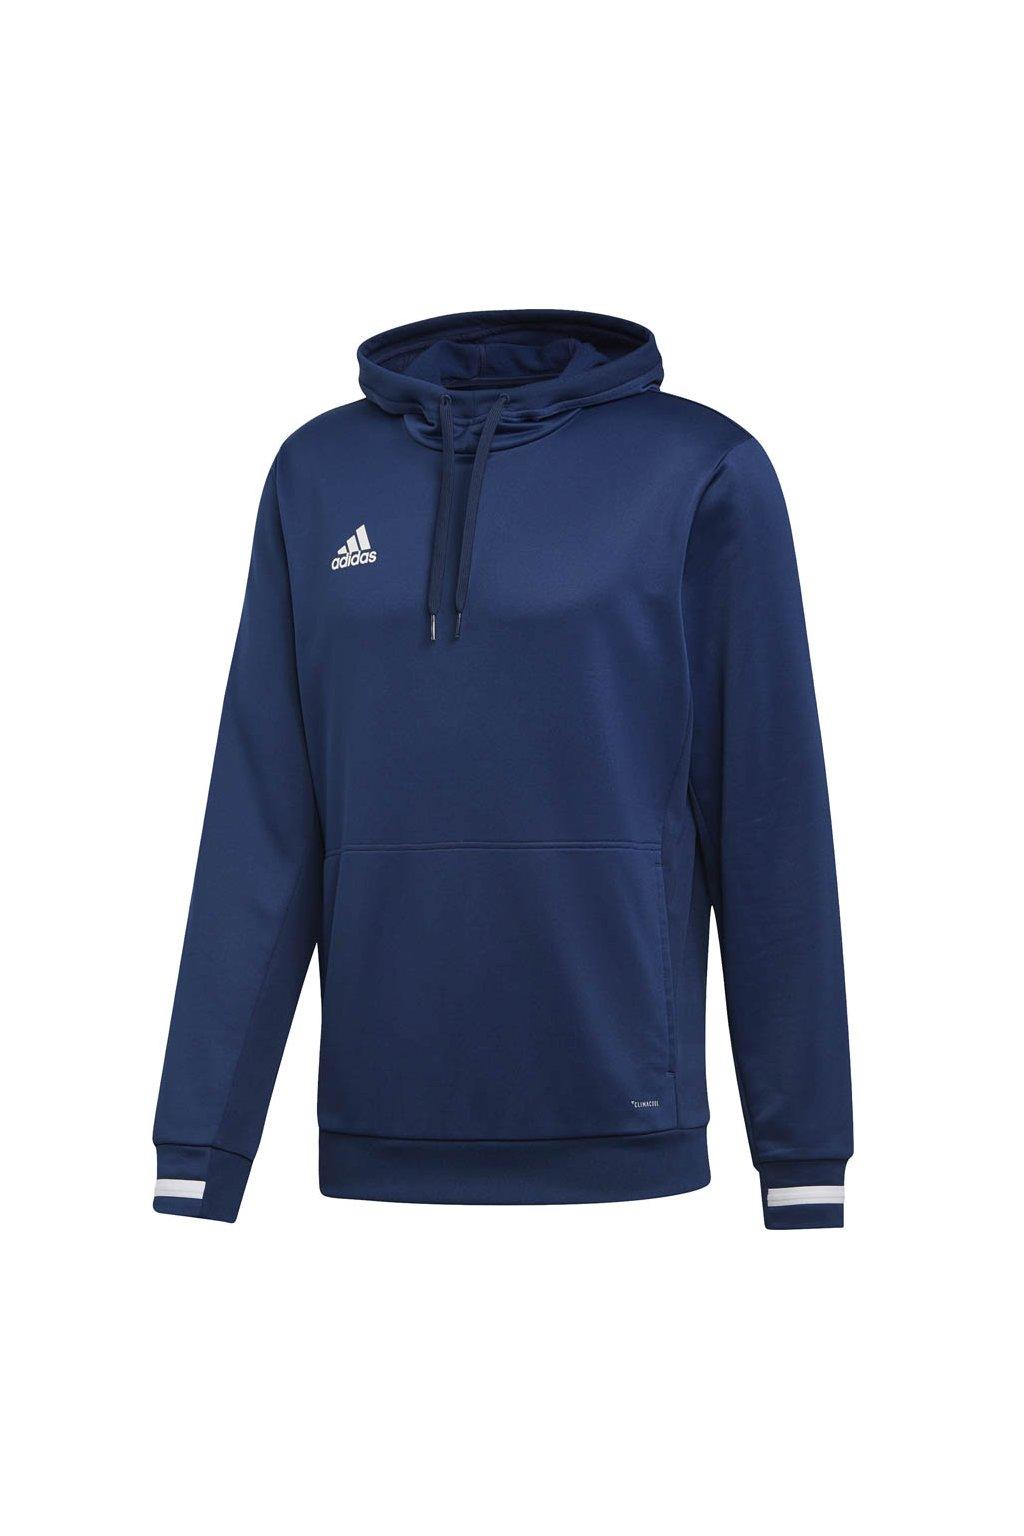 Adidas pánska mikina Team 19 Hoody M námornícka modrá DY8825